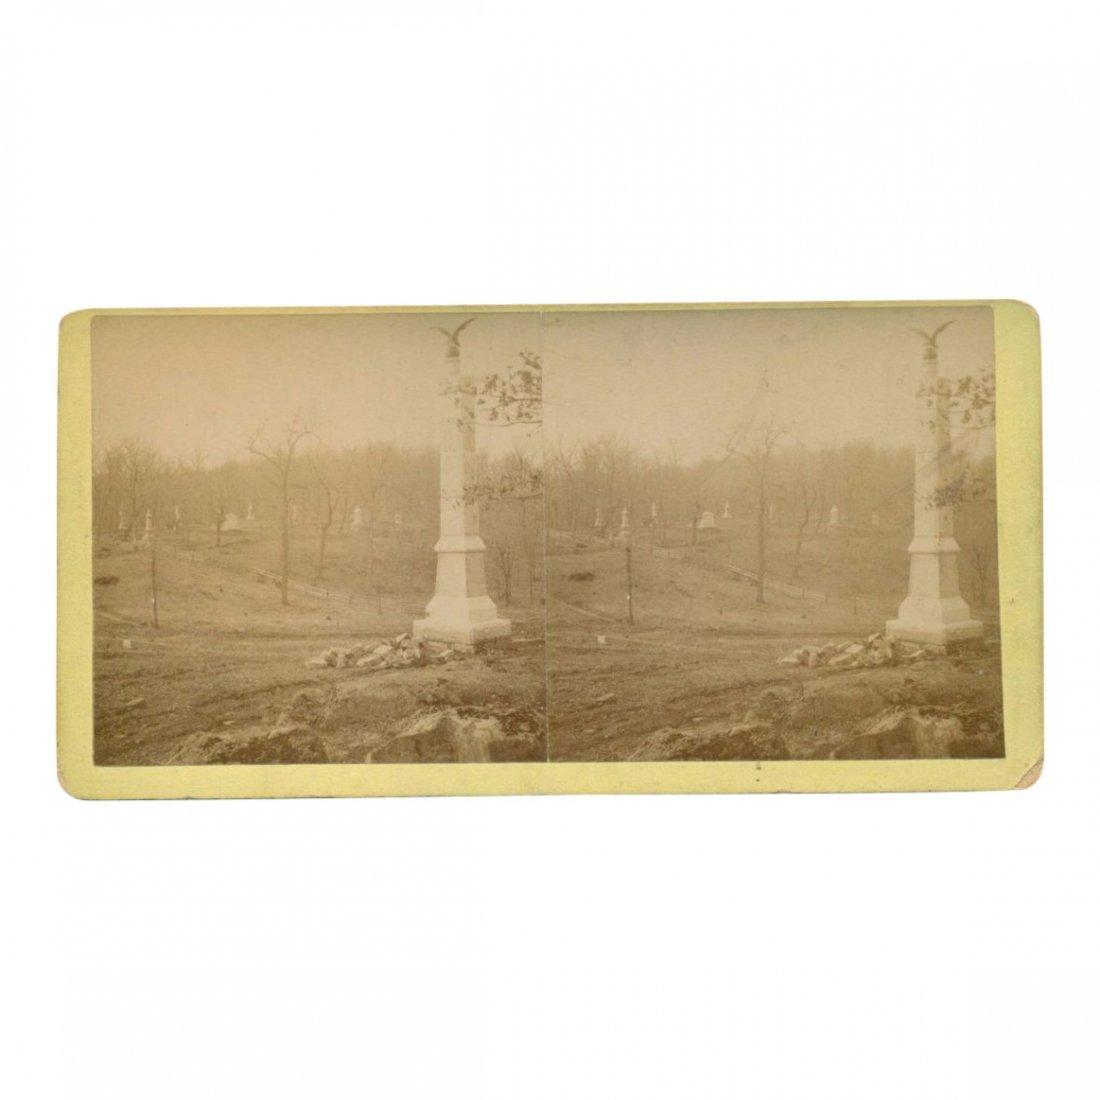 Civil War Stereoview: 111th Pennsylvania Memorial, 1889